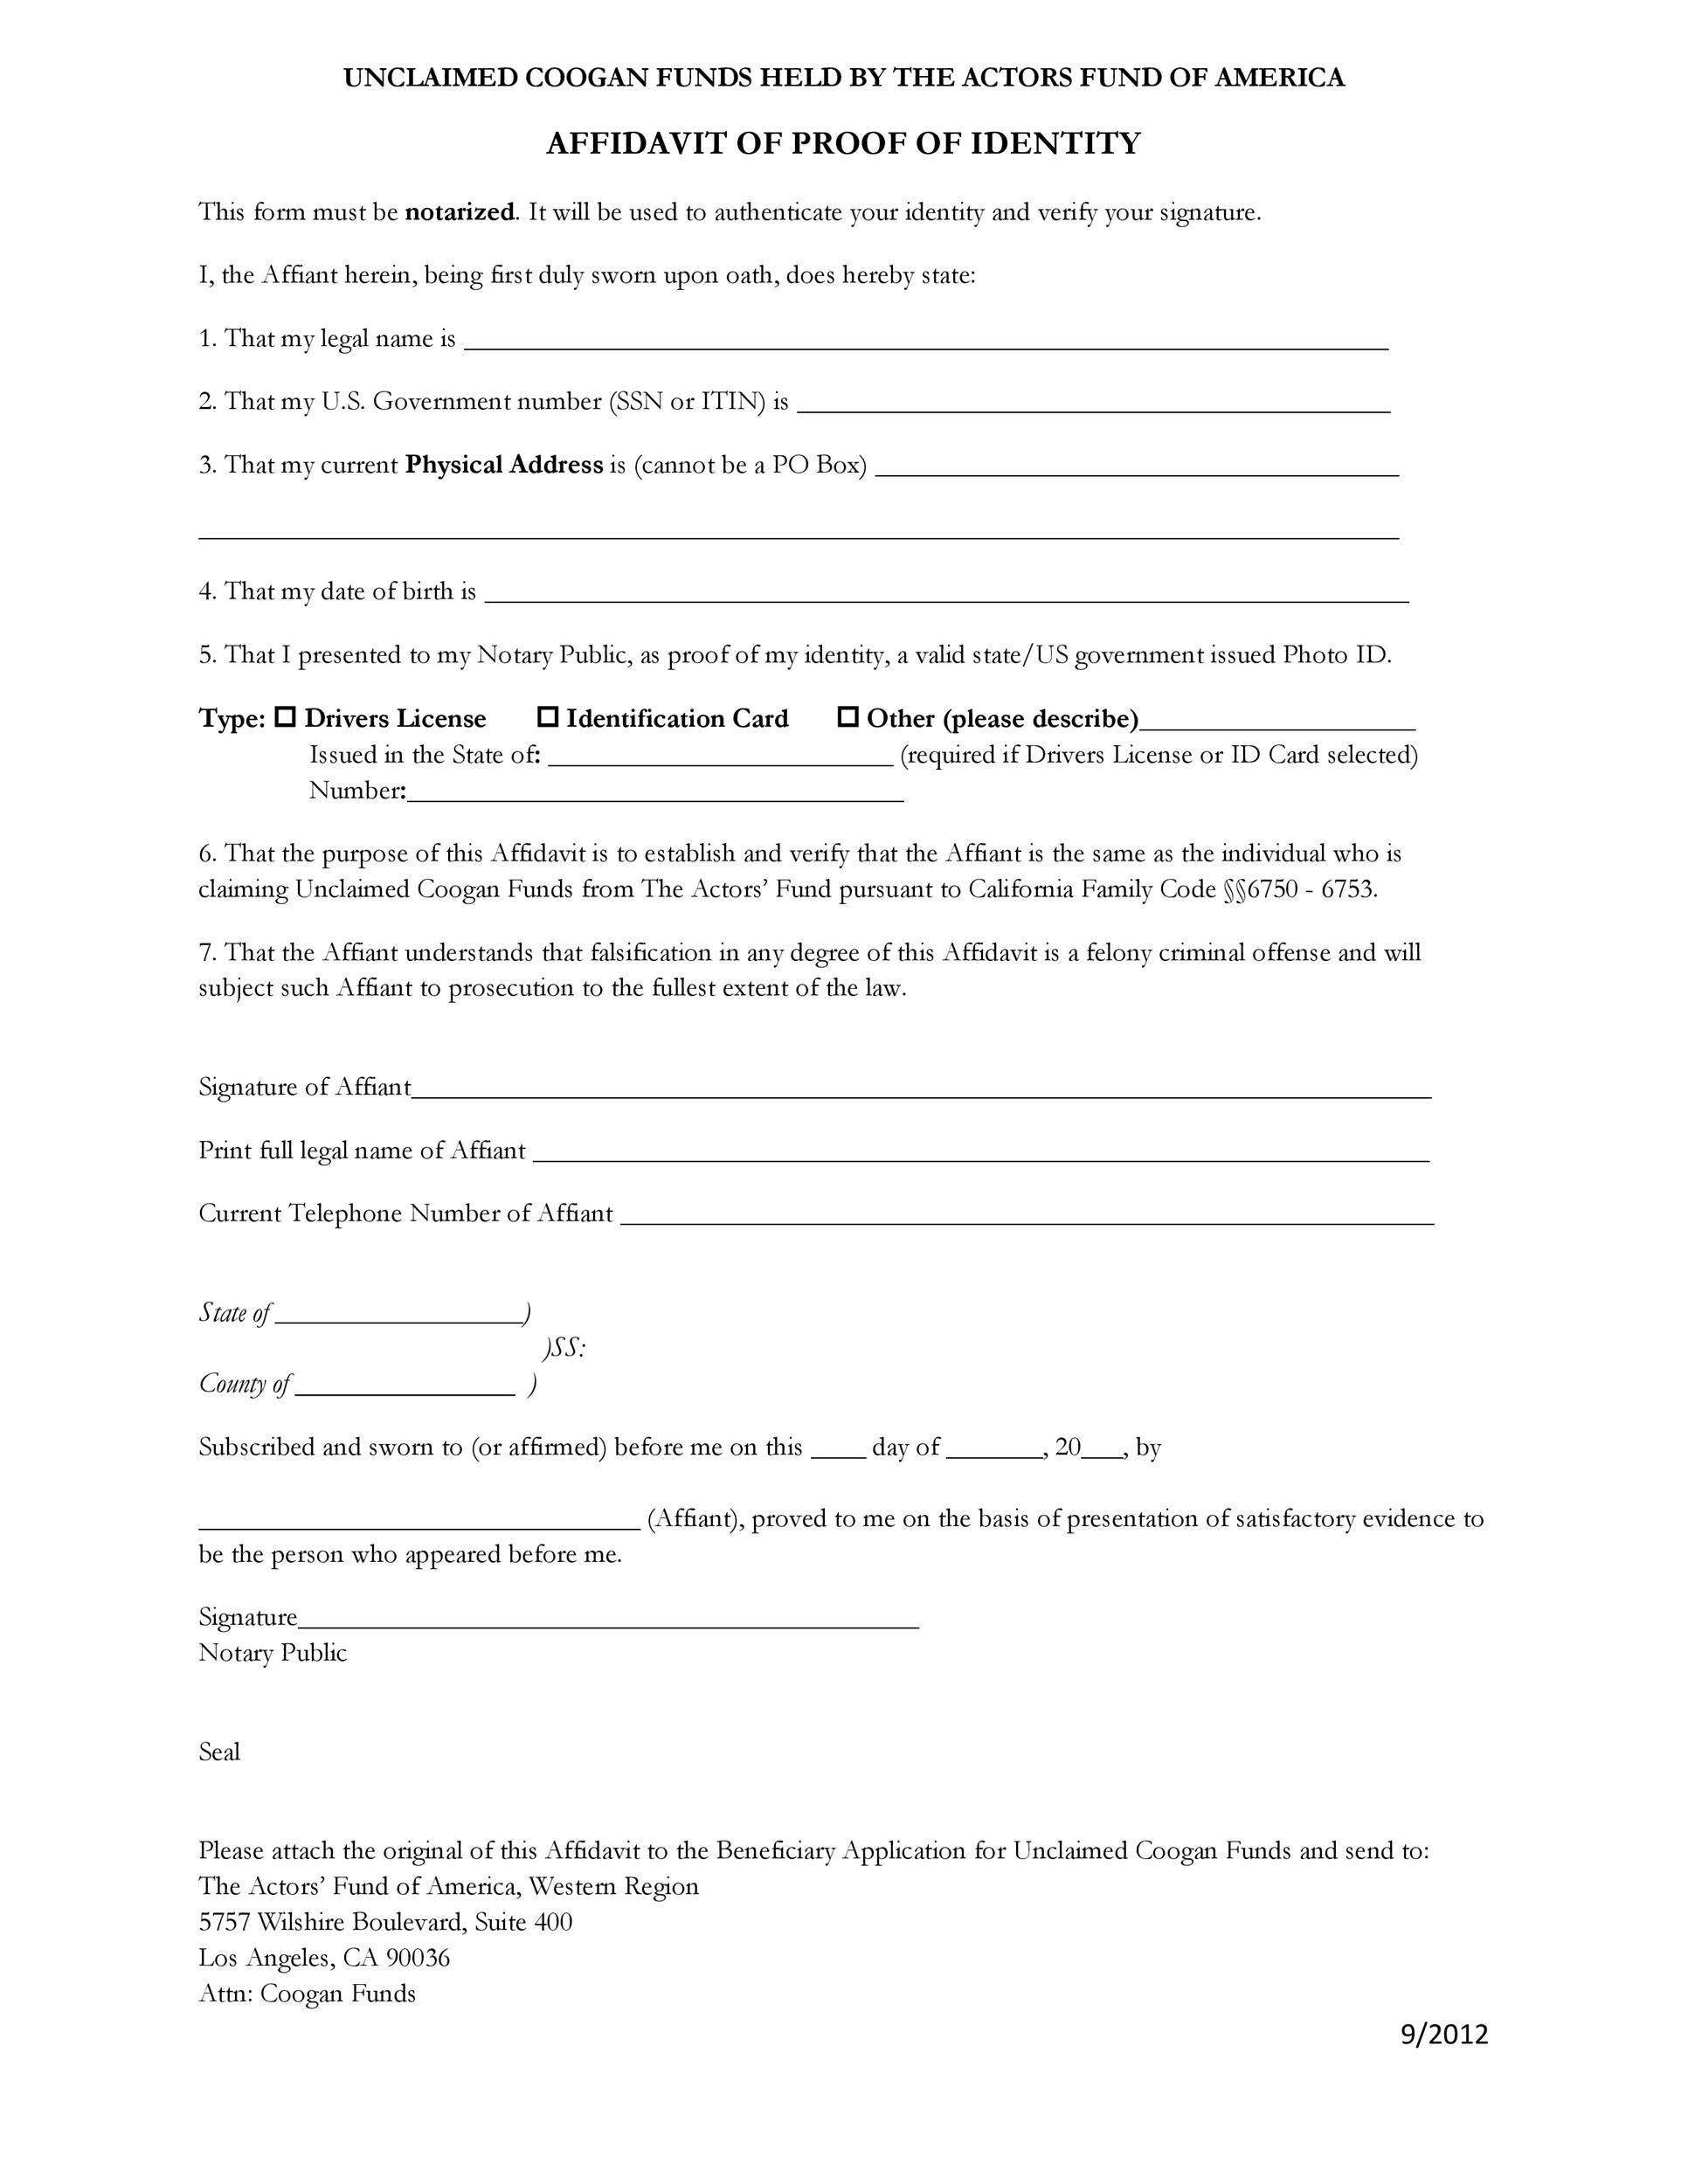 Free affidavit of identity 14